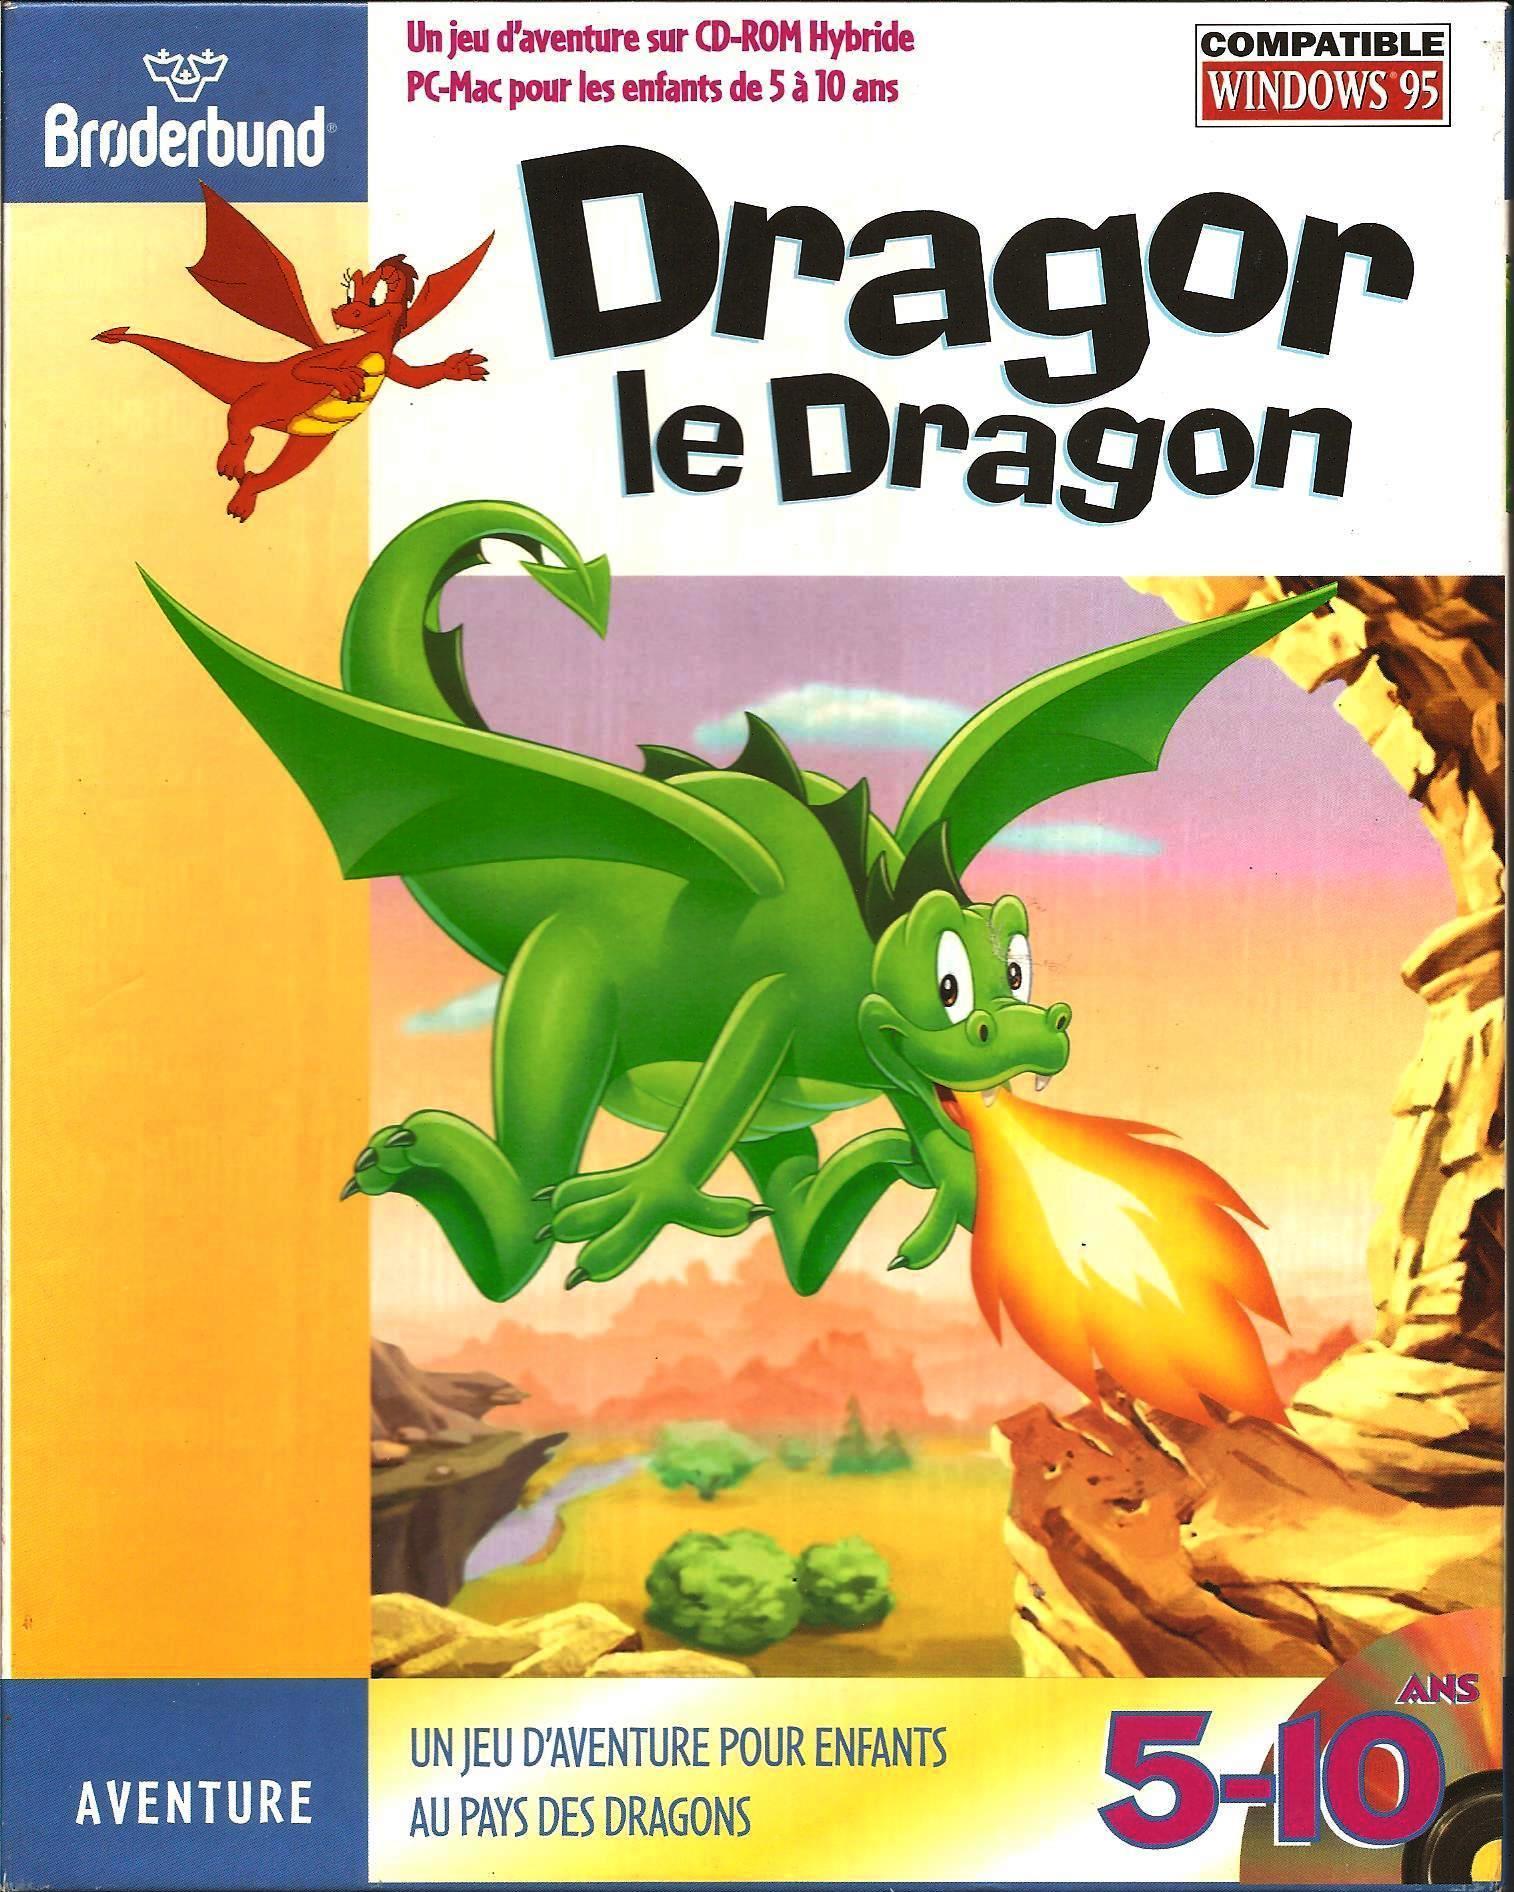 Dragor Le Dragon - Planète Aventure avec Jeux Pc Enfant